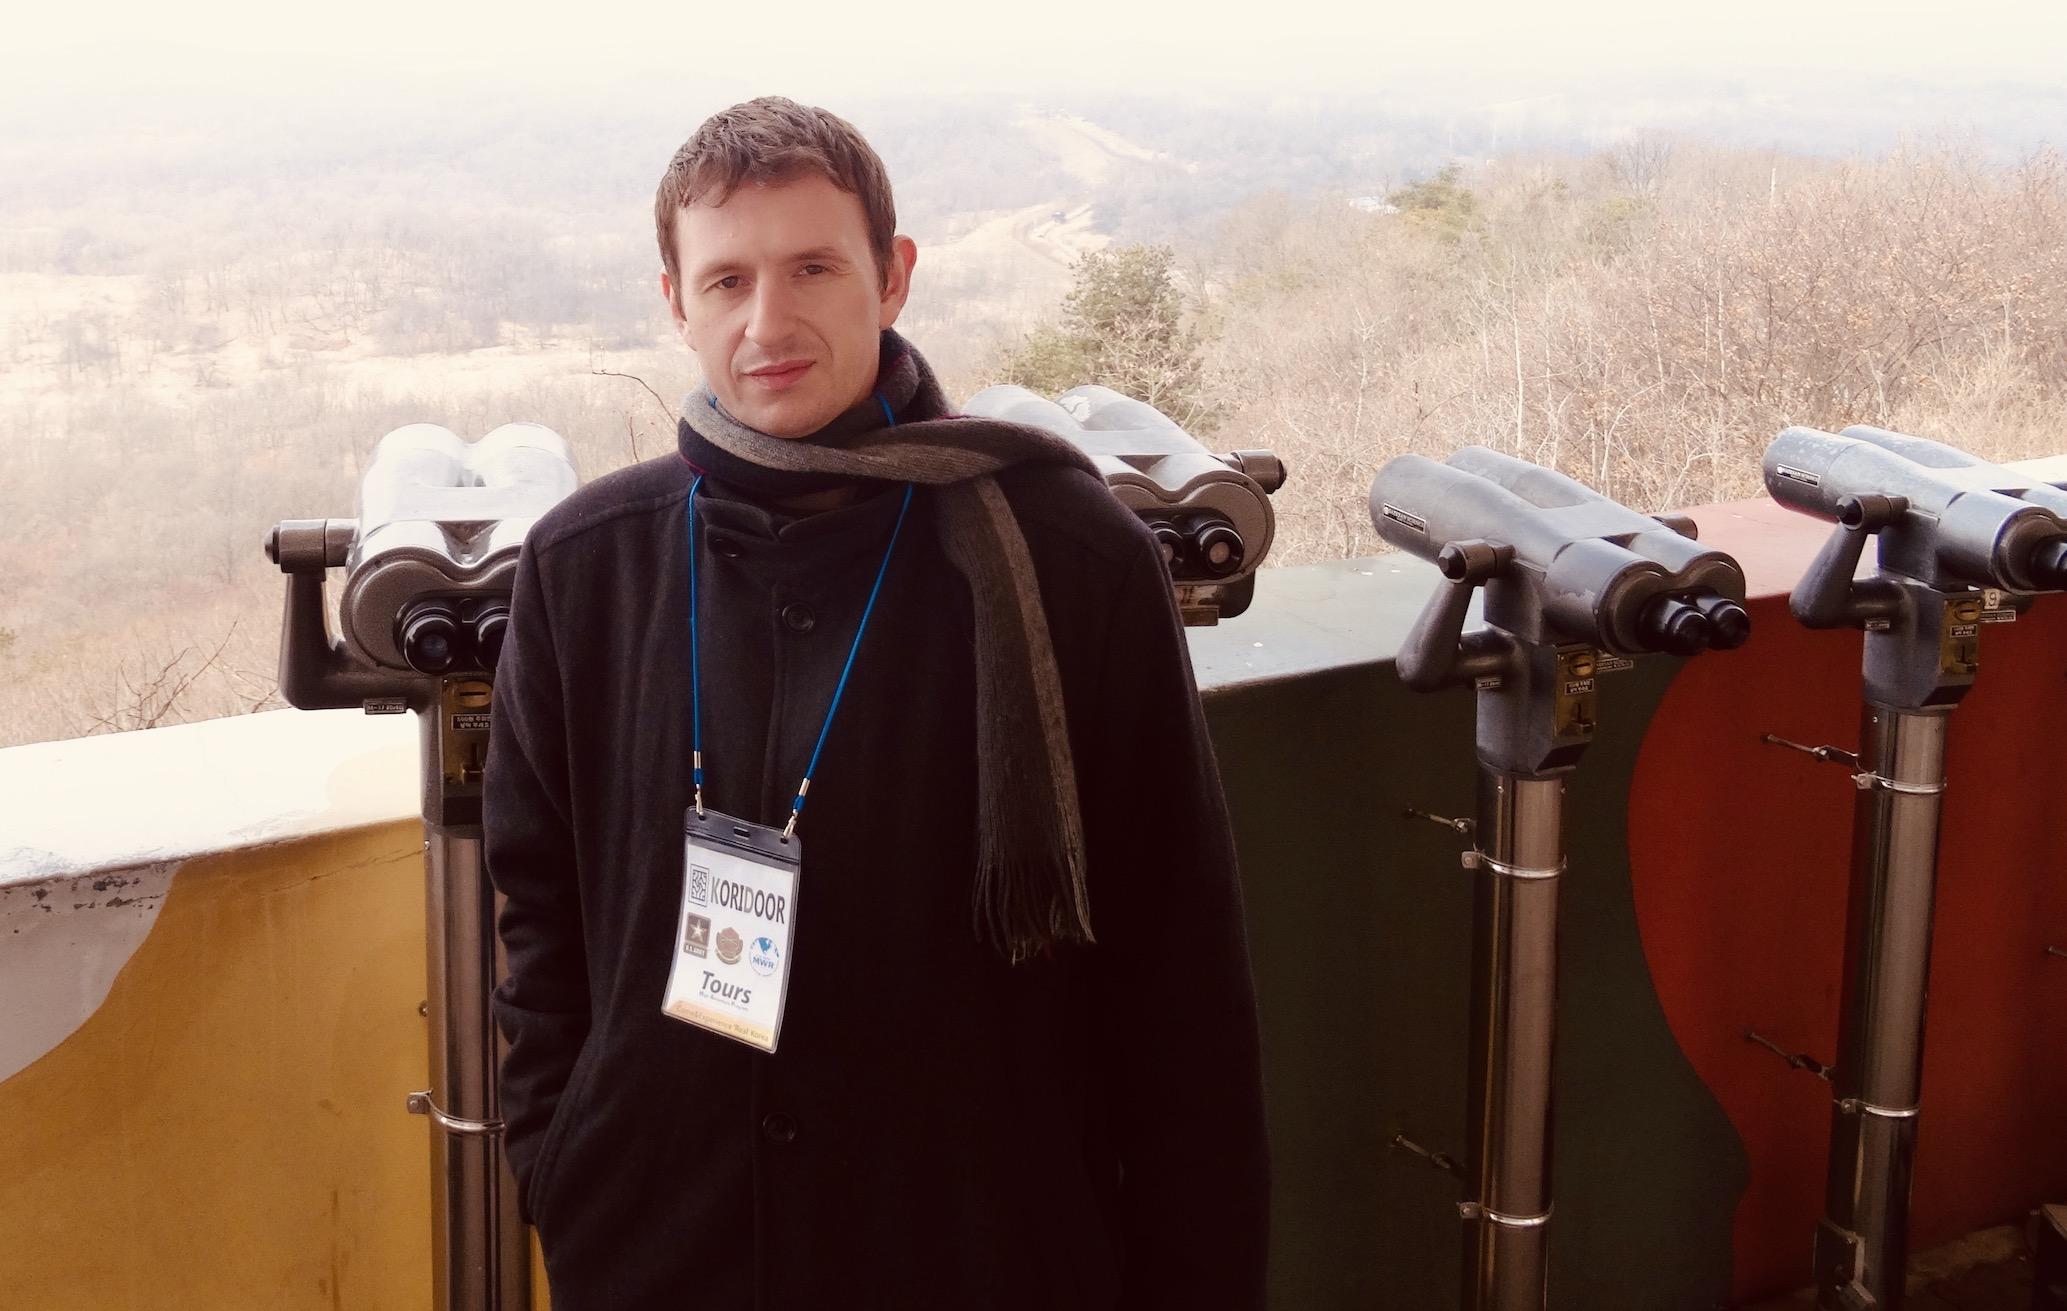 Dora Observatory South Korea DMZ.